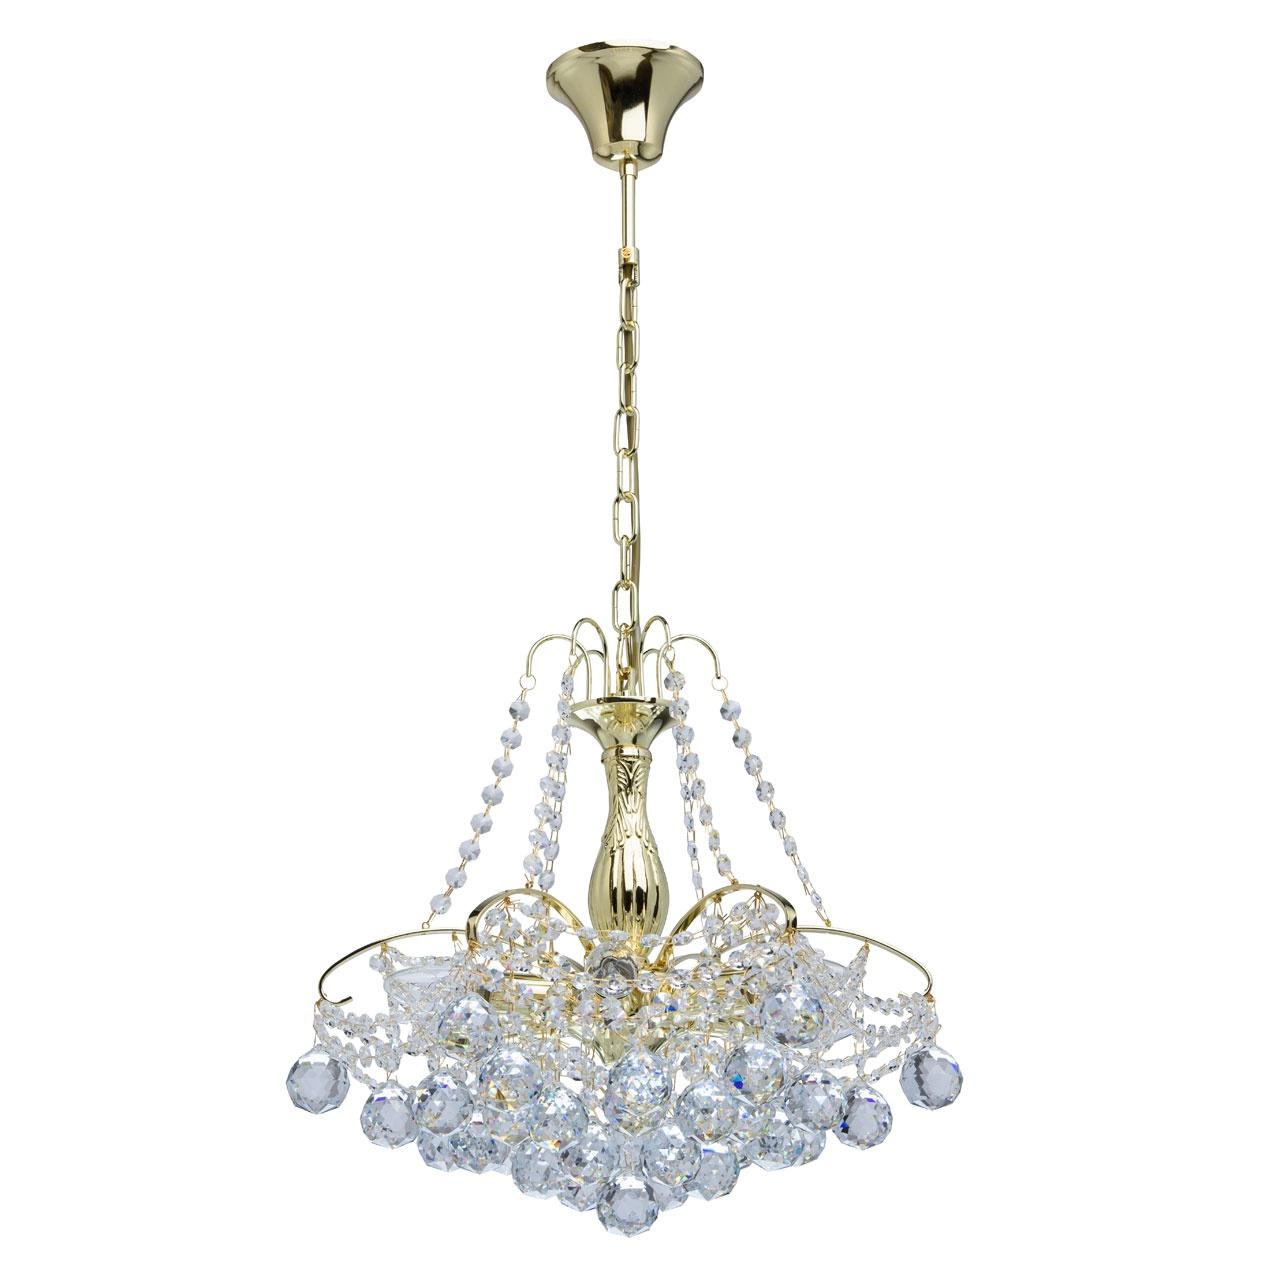 Люстра Mw lightЛюстры<br>Назначение светильника: для спальни, Стиль светильника: классика, Тип: потолочная, Материал светильника: металл, хрусталь, Материал плафона: хрусталь, Материал арматуры: металл, Длина (мм): 440, Ширина: 400, Высота: 800, Количество ламп: 6, Тип лампы: накаливания, Мощность: 60, Патрон: Е14, Цвет арматуры: золото, Родина бренда: Германия, Коллекция: Жемчуг<br>